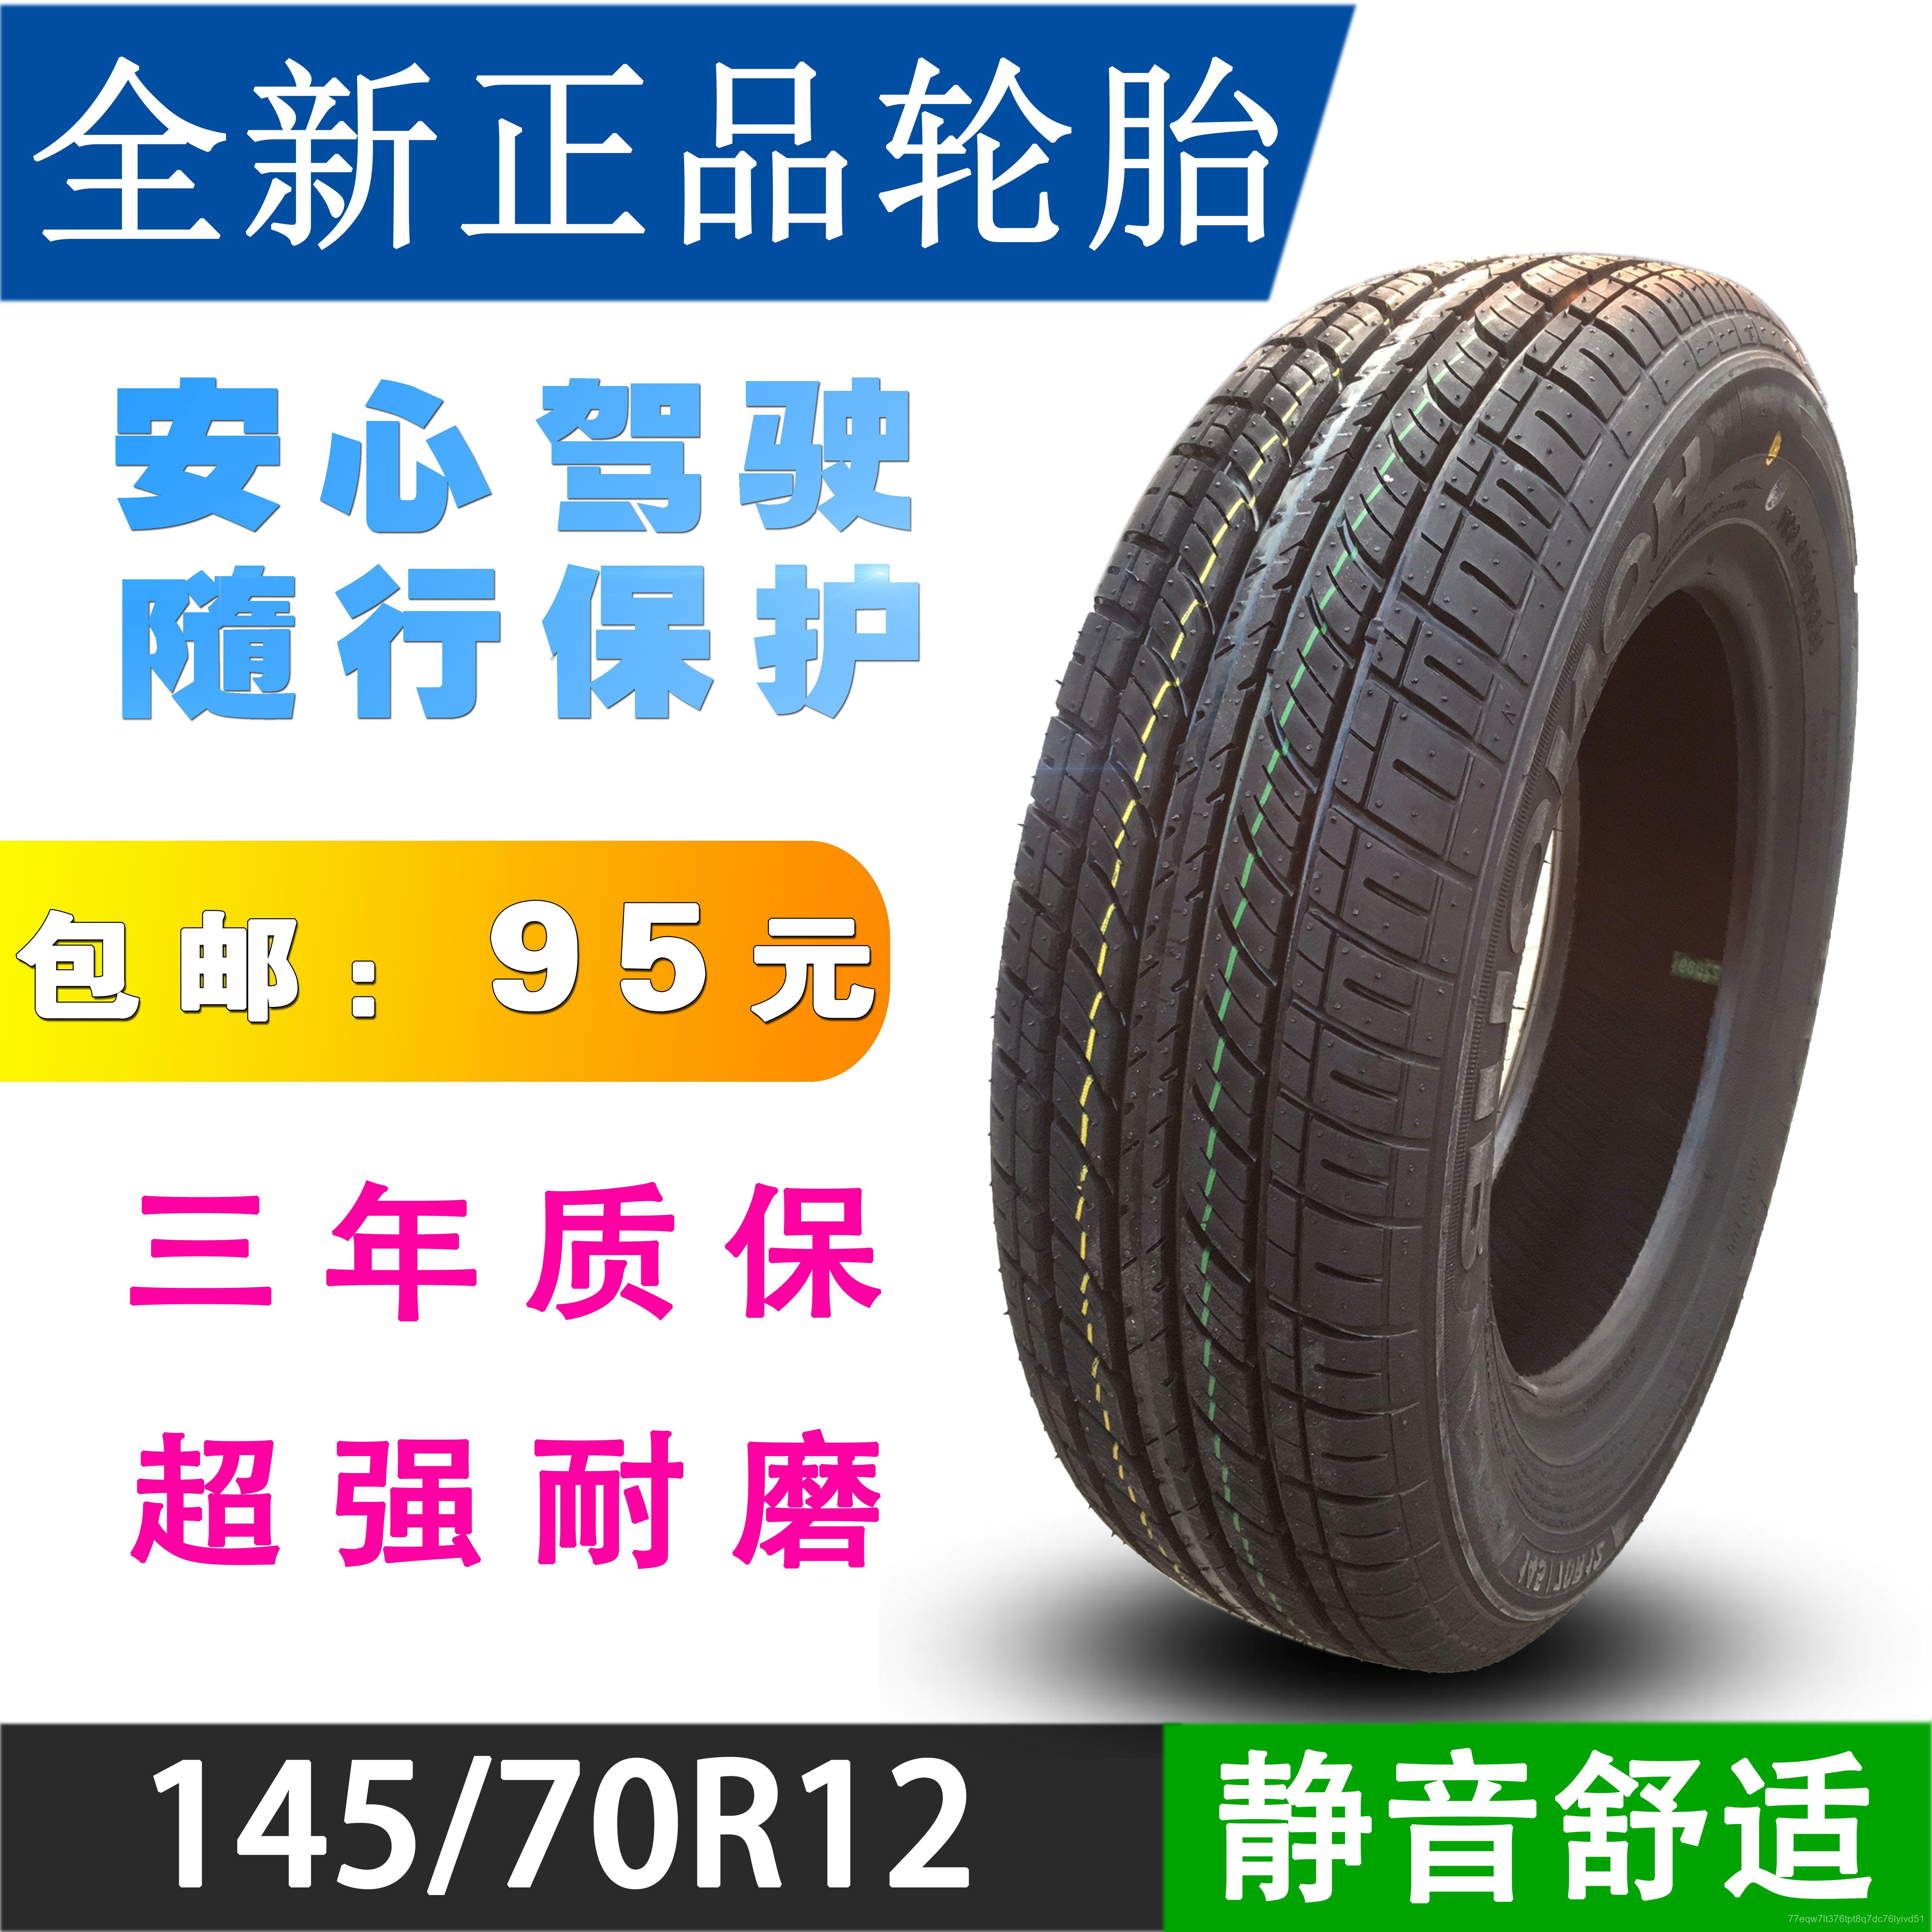 ยางรถยนต์145/155/165/175/185/195/205/215 60 70R12R13R14R15R16